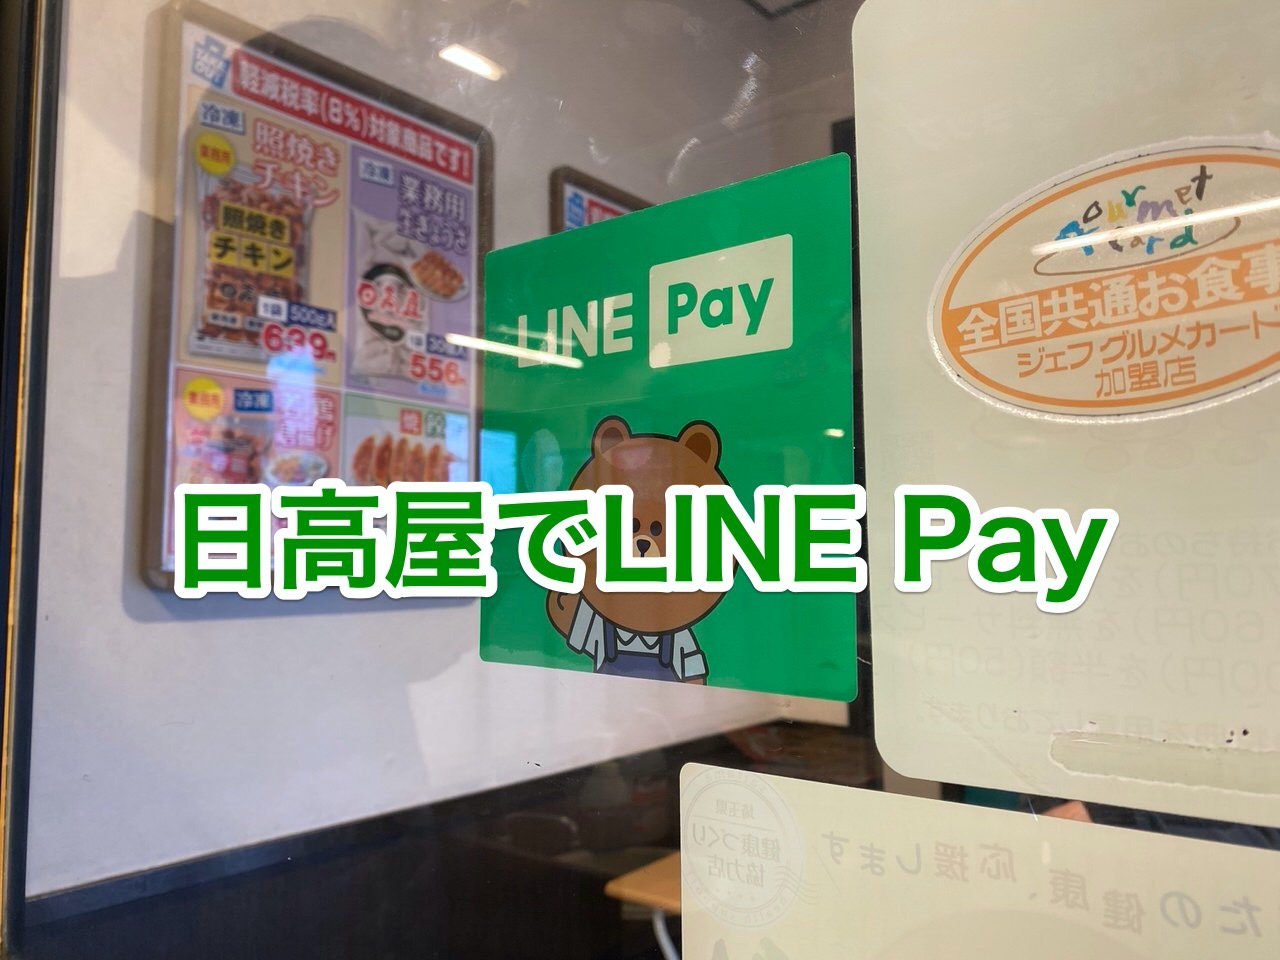 【日高屋】スマホ決済「LINE Pay」が利用可能に!PayPay・メルペイなどにも順次対応予定